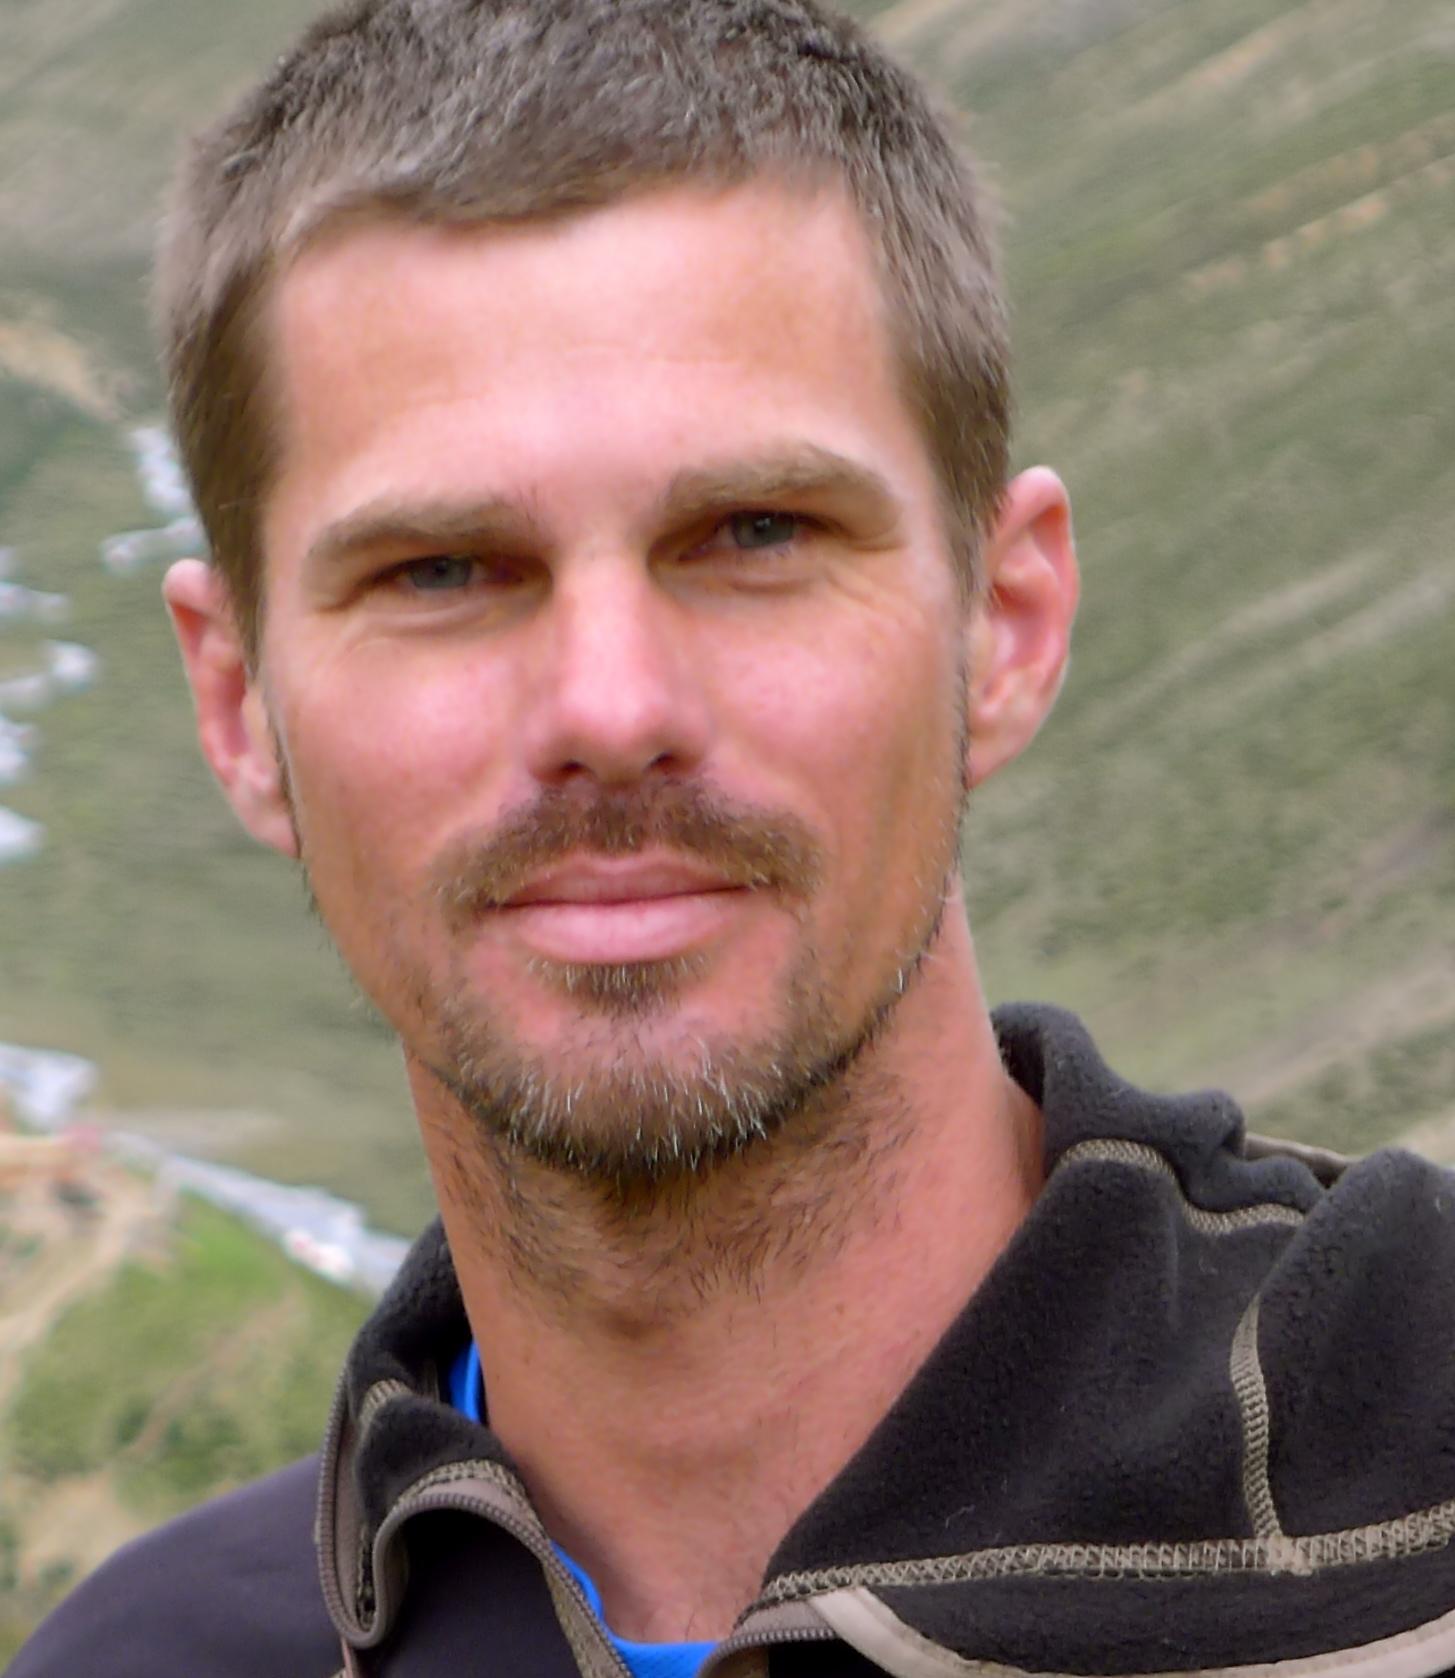 Klaus Achter